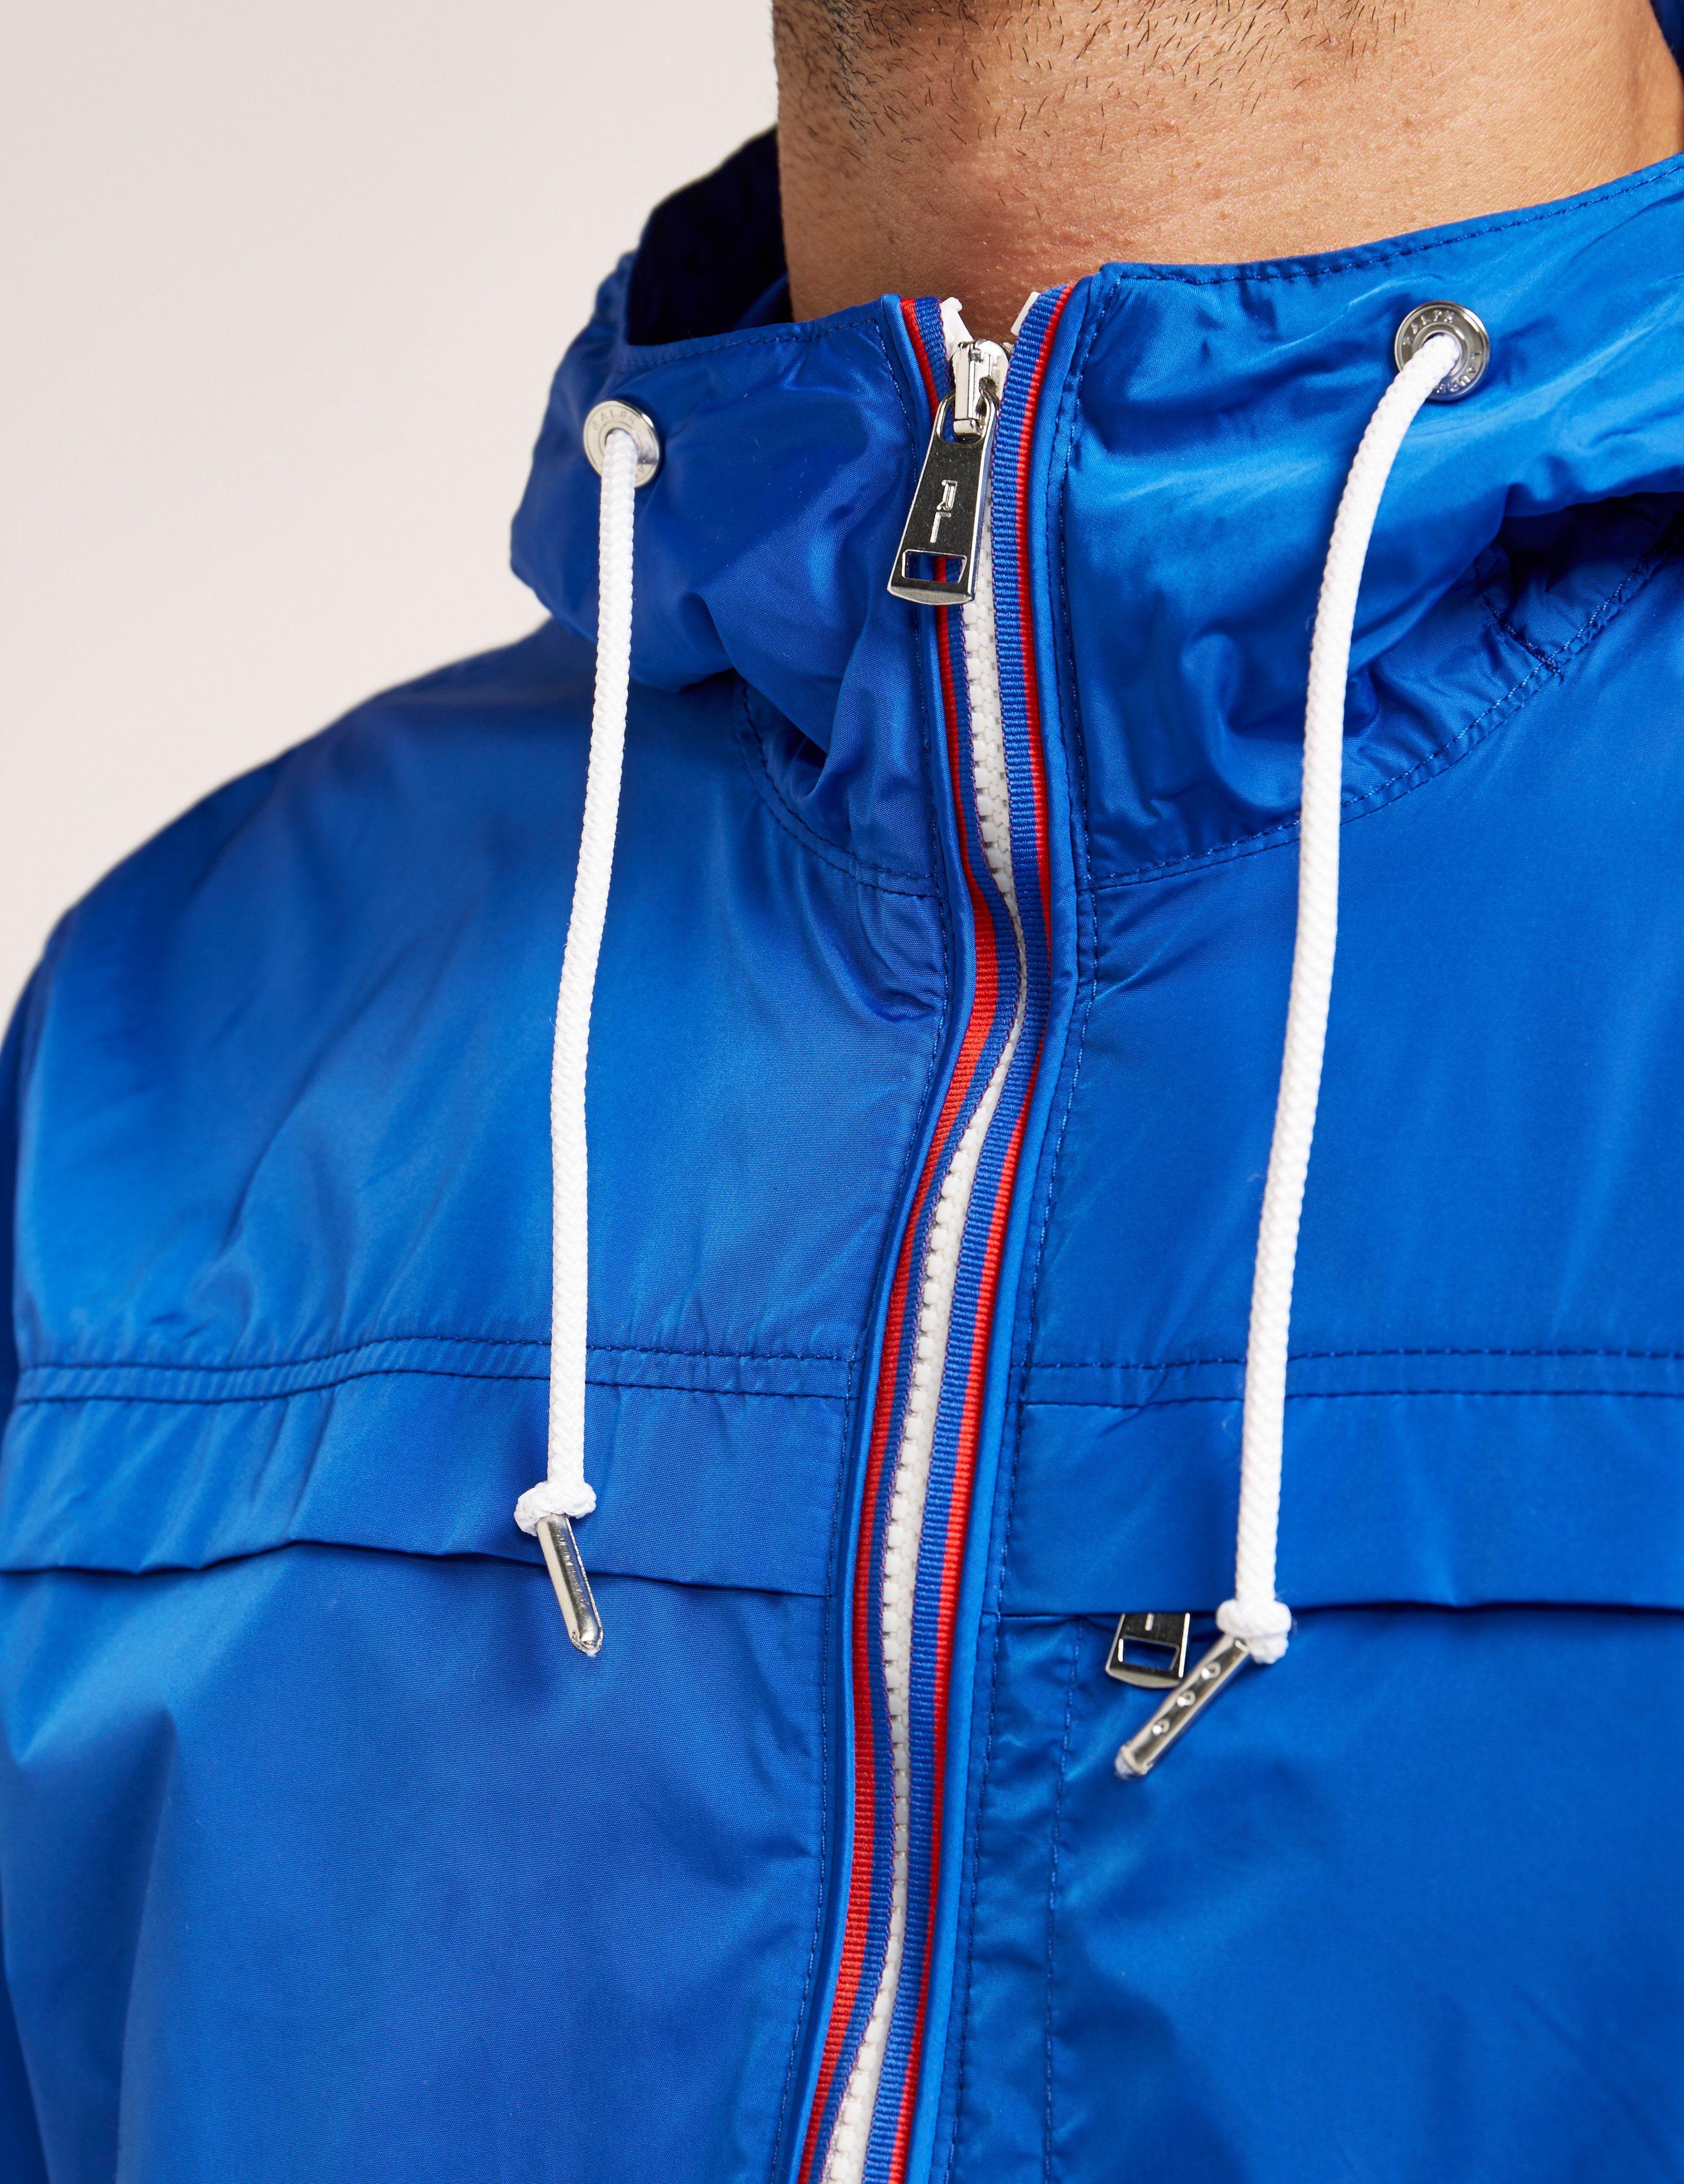 Polo Ralph Lauren Packable Light Jacket